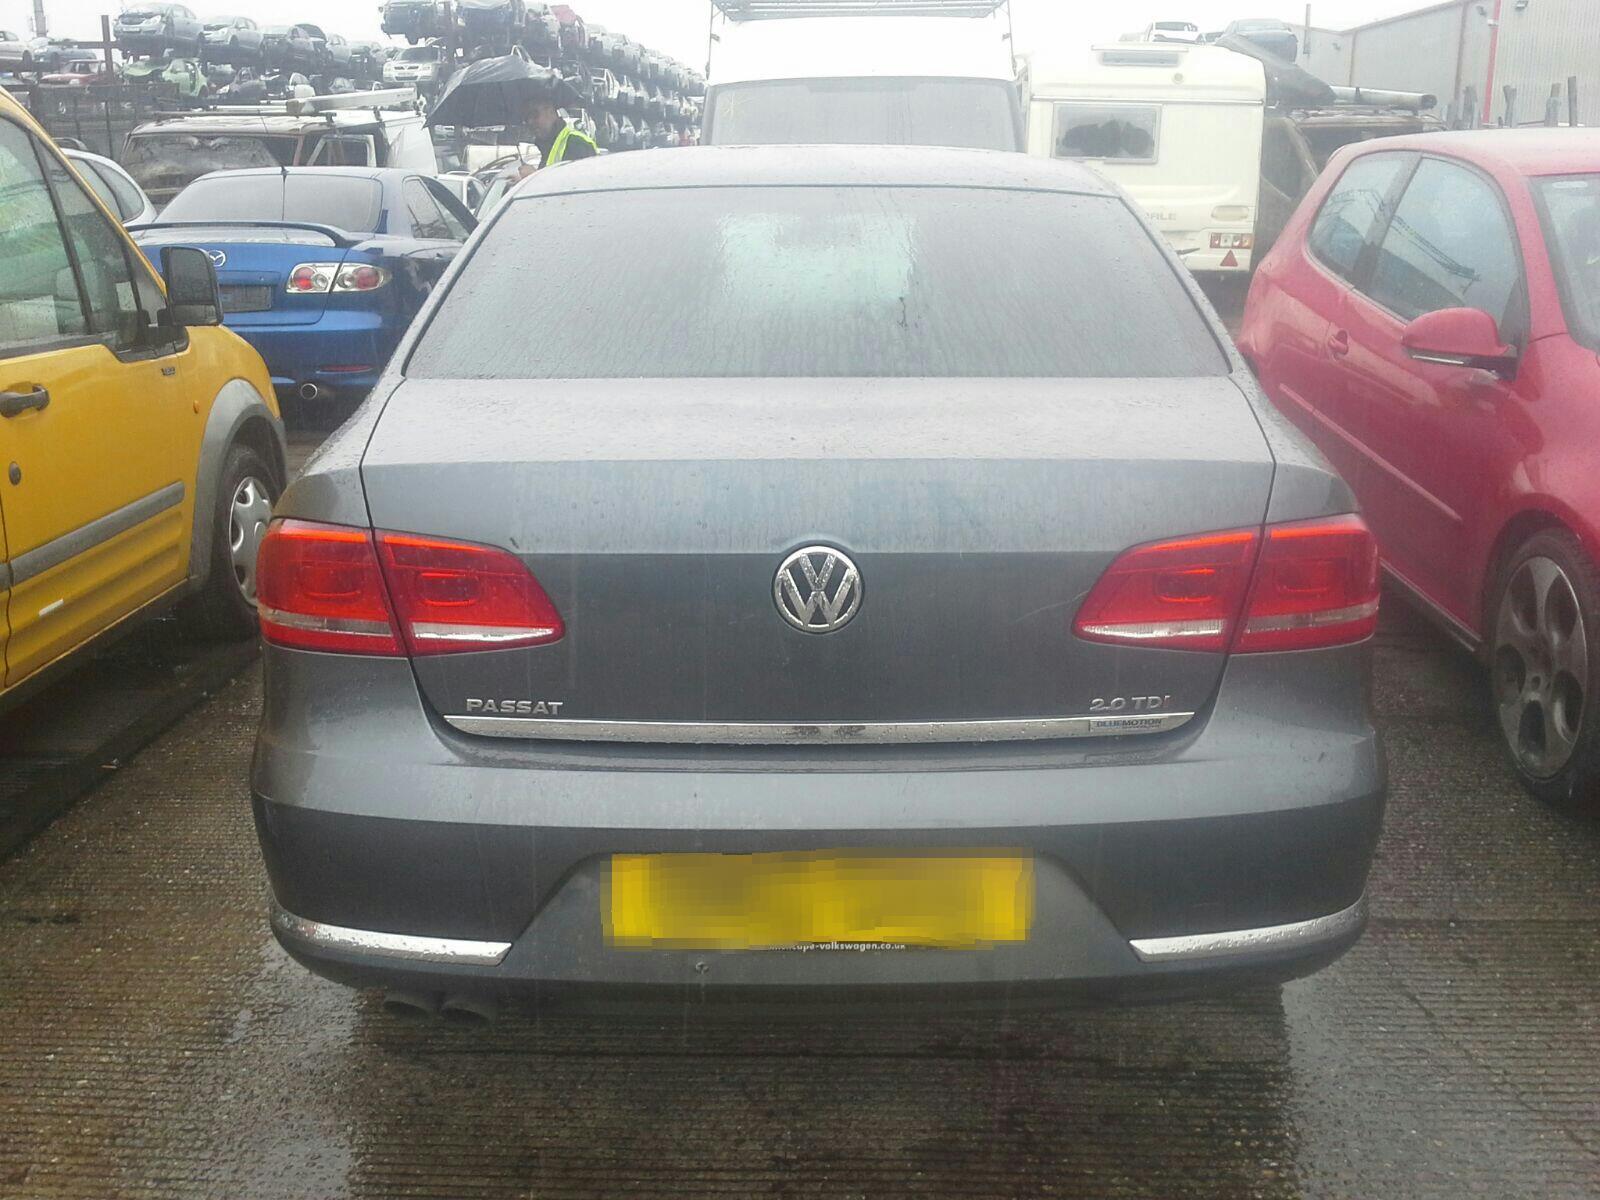 ... Volkswagen Passat 2011 To 2014 4 Door Saloon ... & 2012 Volkswagen Passat 2011 To 2014 4 Door Saloon (Diesel / Manual ...